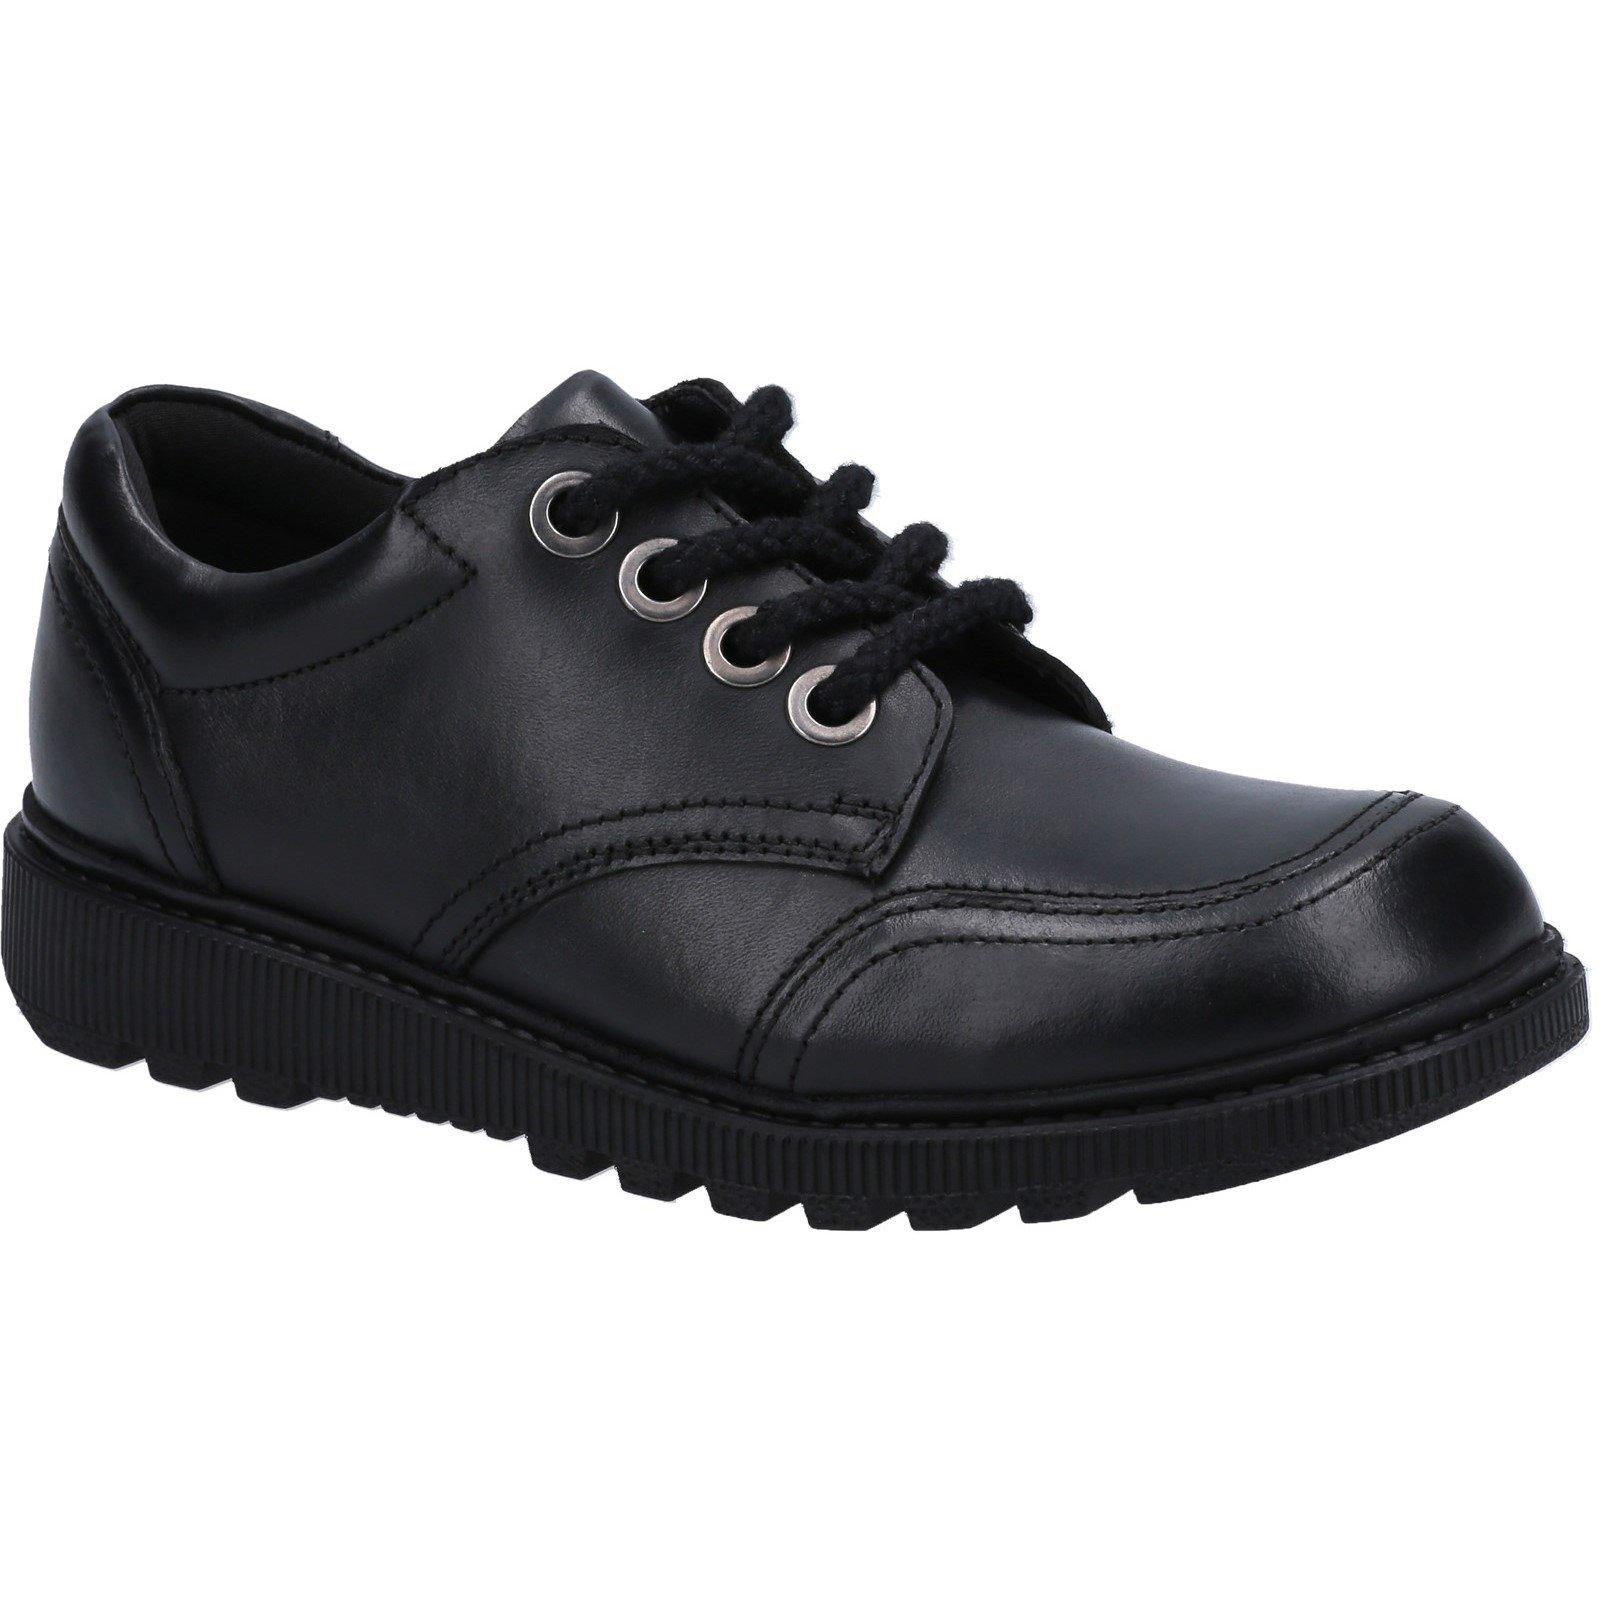 Hush Puppies Kid's Kiera Junior School Shoe Black 30821 - Black 1